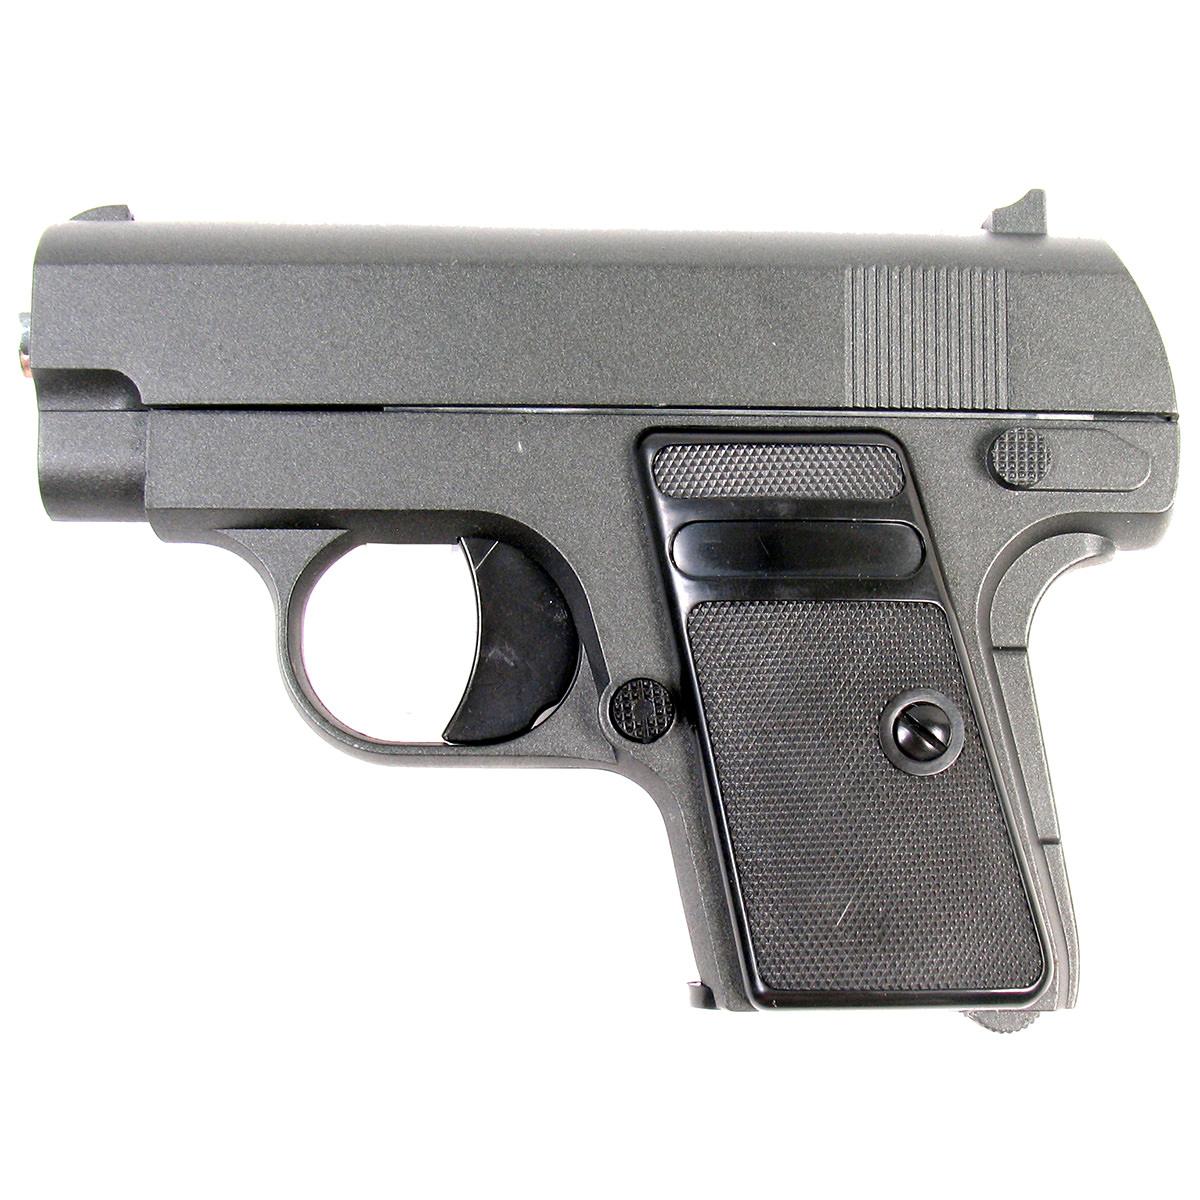 Пружинный пистолет G.9 является уменьшенной репликой компактного пистолета Colt 25,  предназначенного для скрытого ношения. Корпус пистолета цельнометаллический. В магазин  вмещается 6 шариков BB 6 мм. Выстрел из пистолета осуществляется с помощью пружины,  максимальная начальная скорость выстрела не более 50 м/с. Прицельные приспособления не  регулируемые, пистолет предназначен для стрельбы на короткие дистанции.